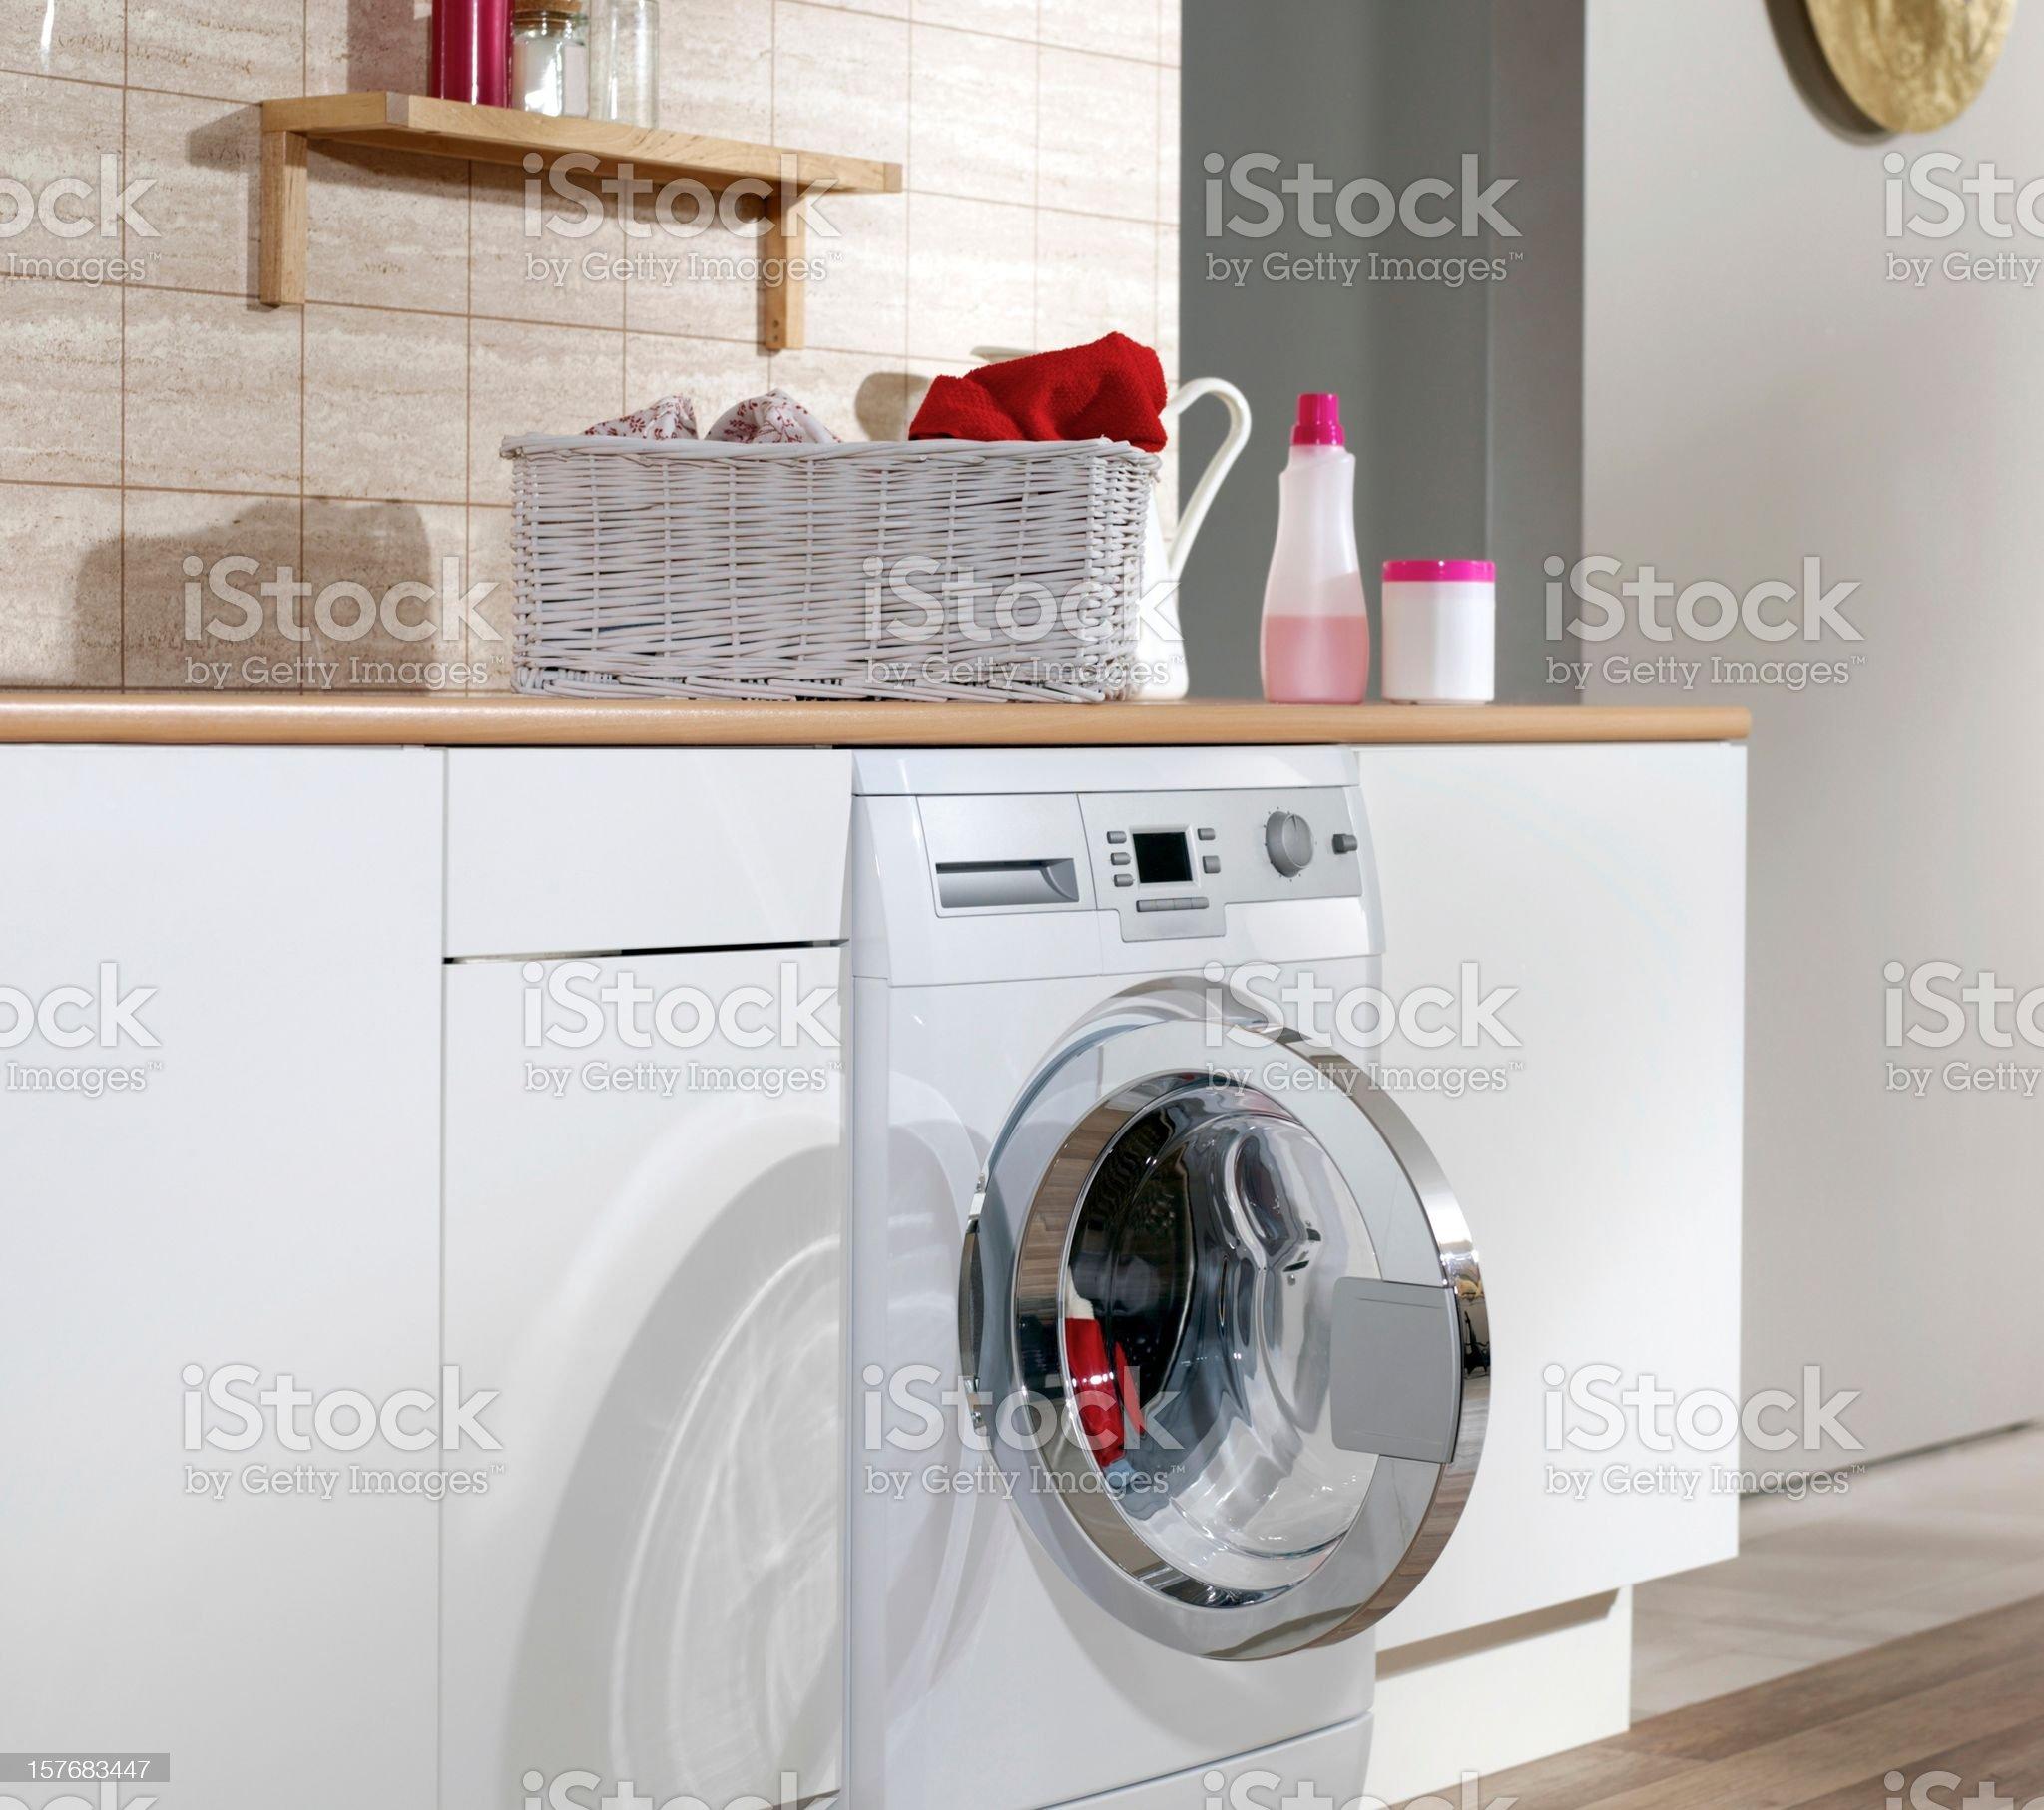 Laundry Room royalty-free stock photo